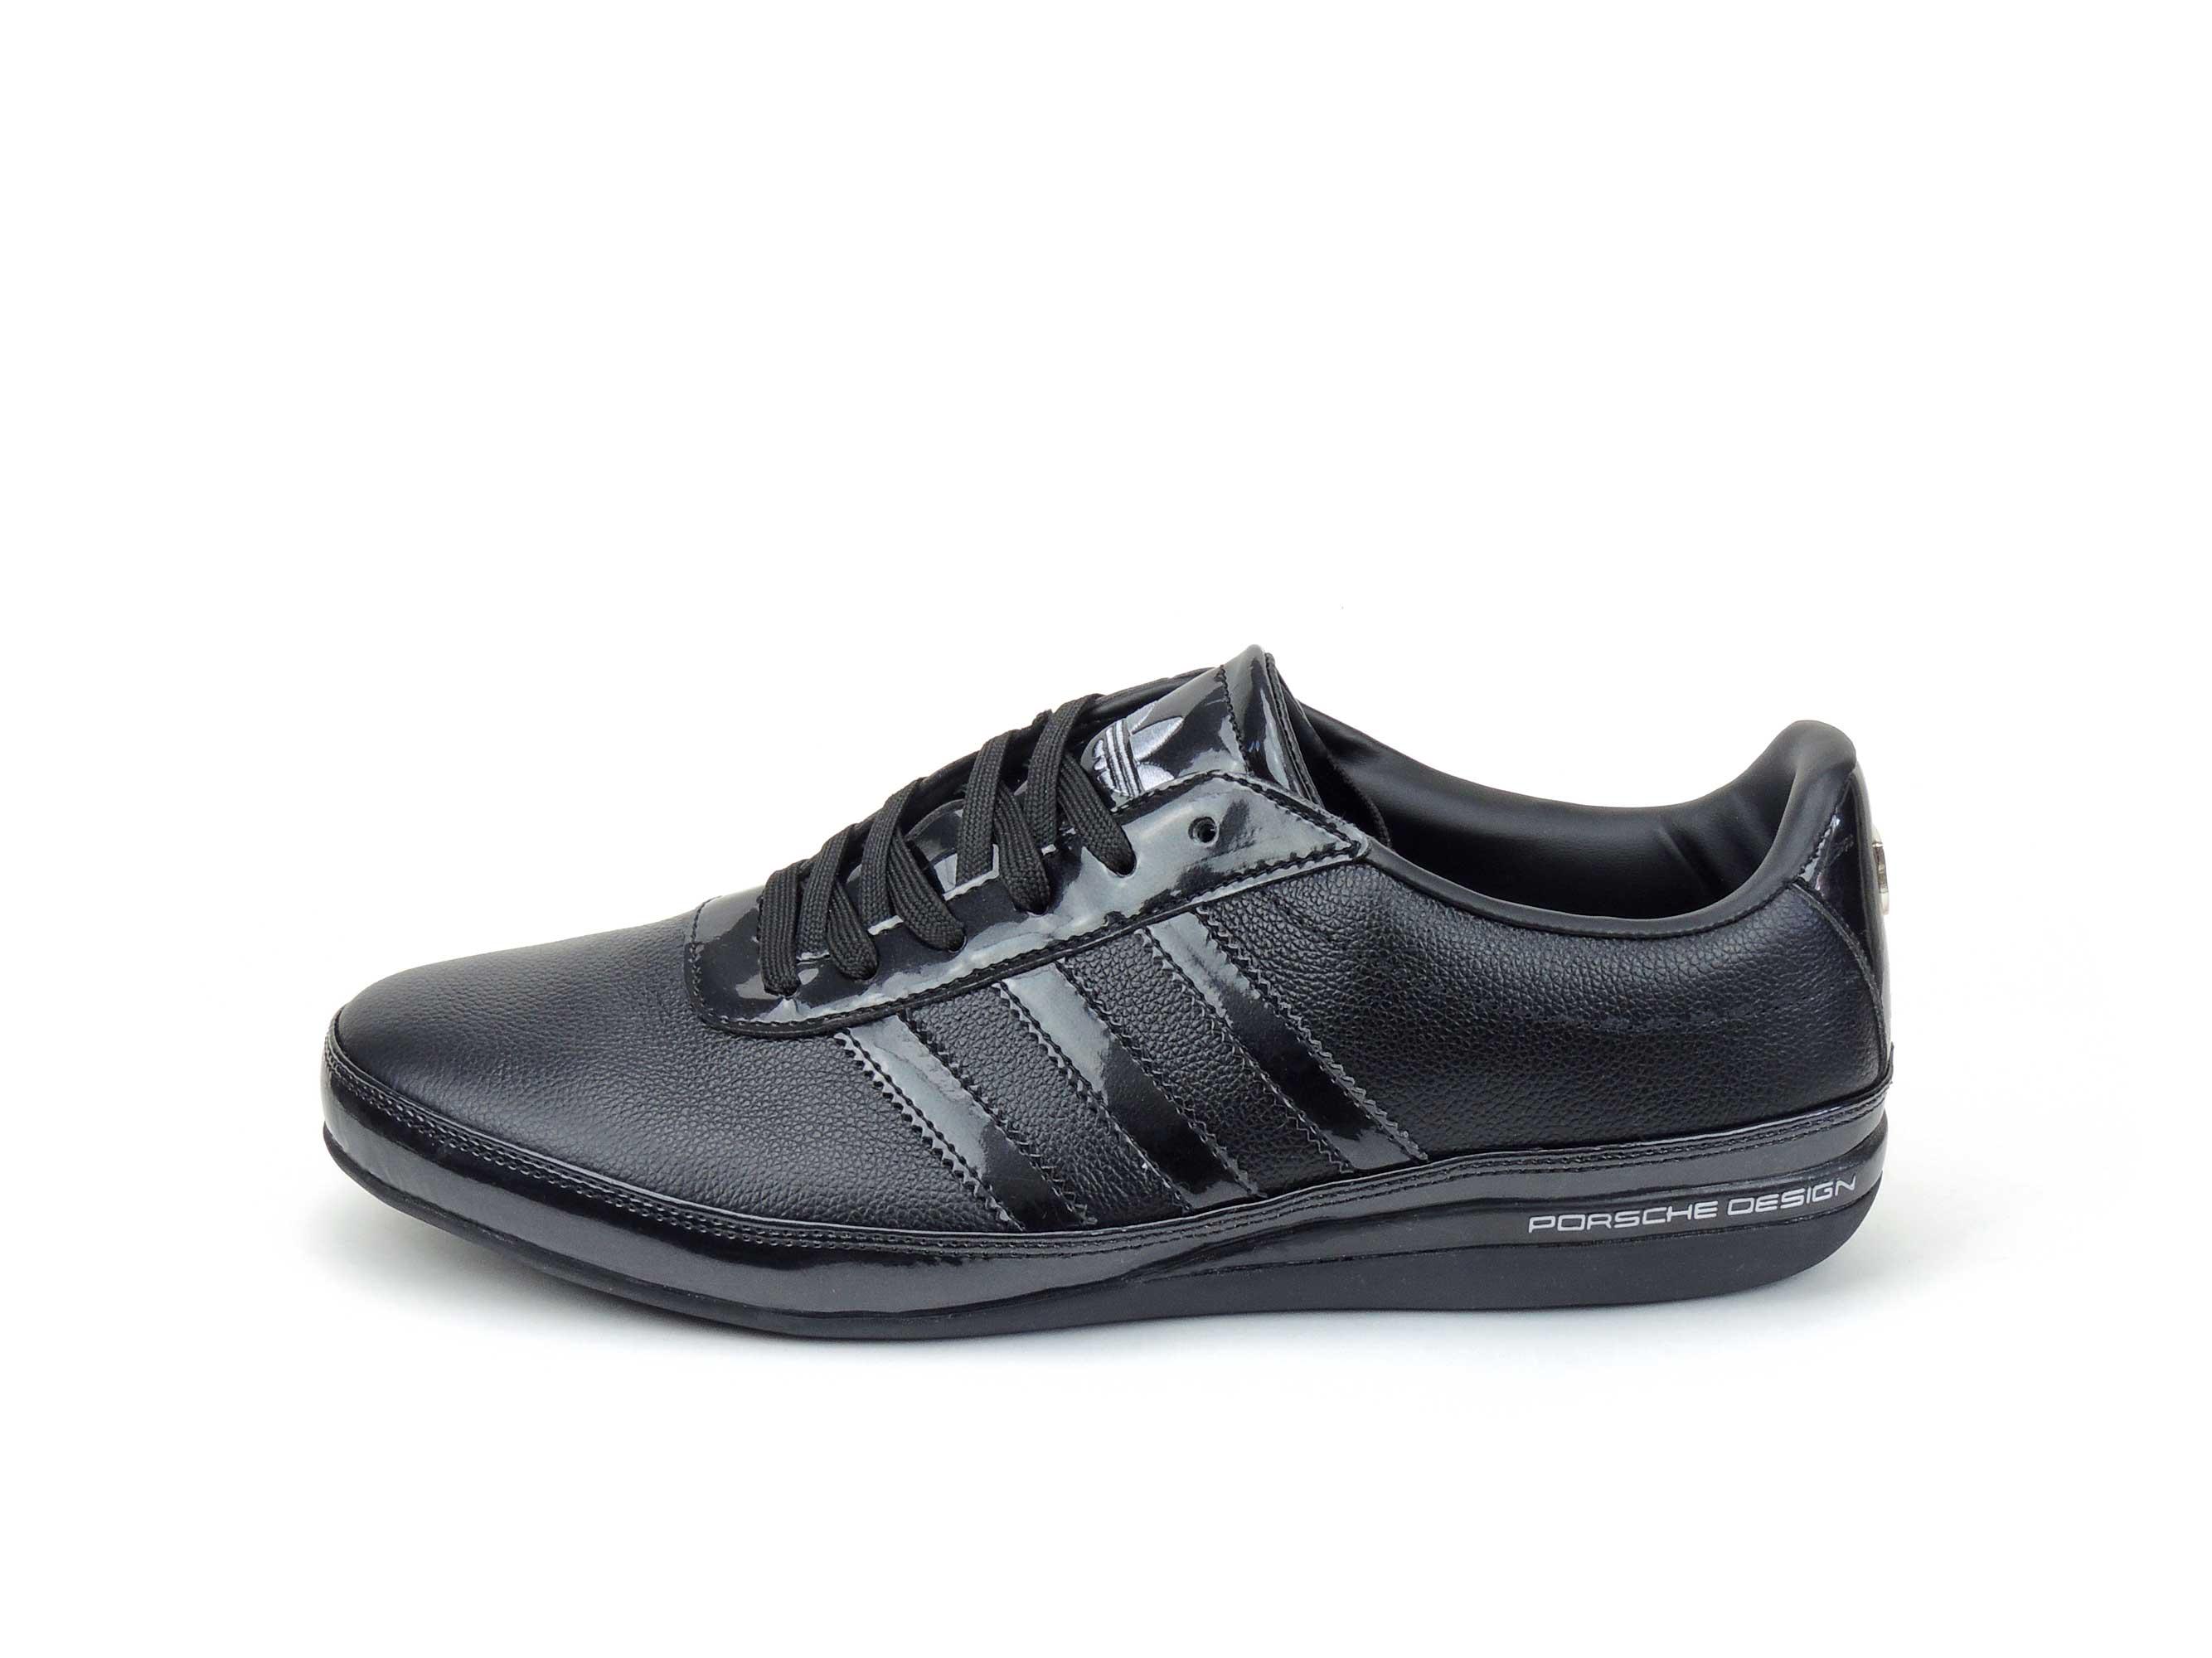 sale retailer b6c23 0722b adidas porsche design S3 black G42610